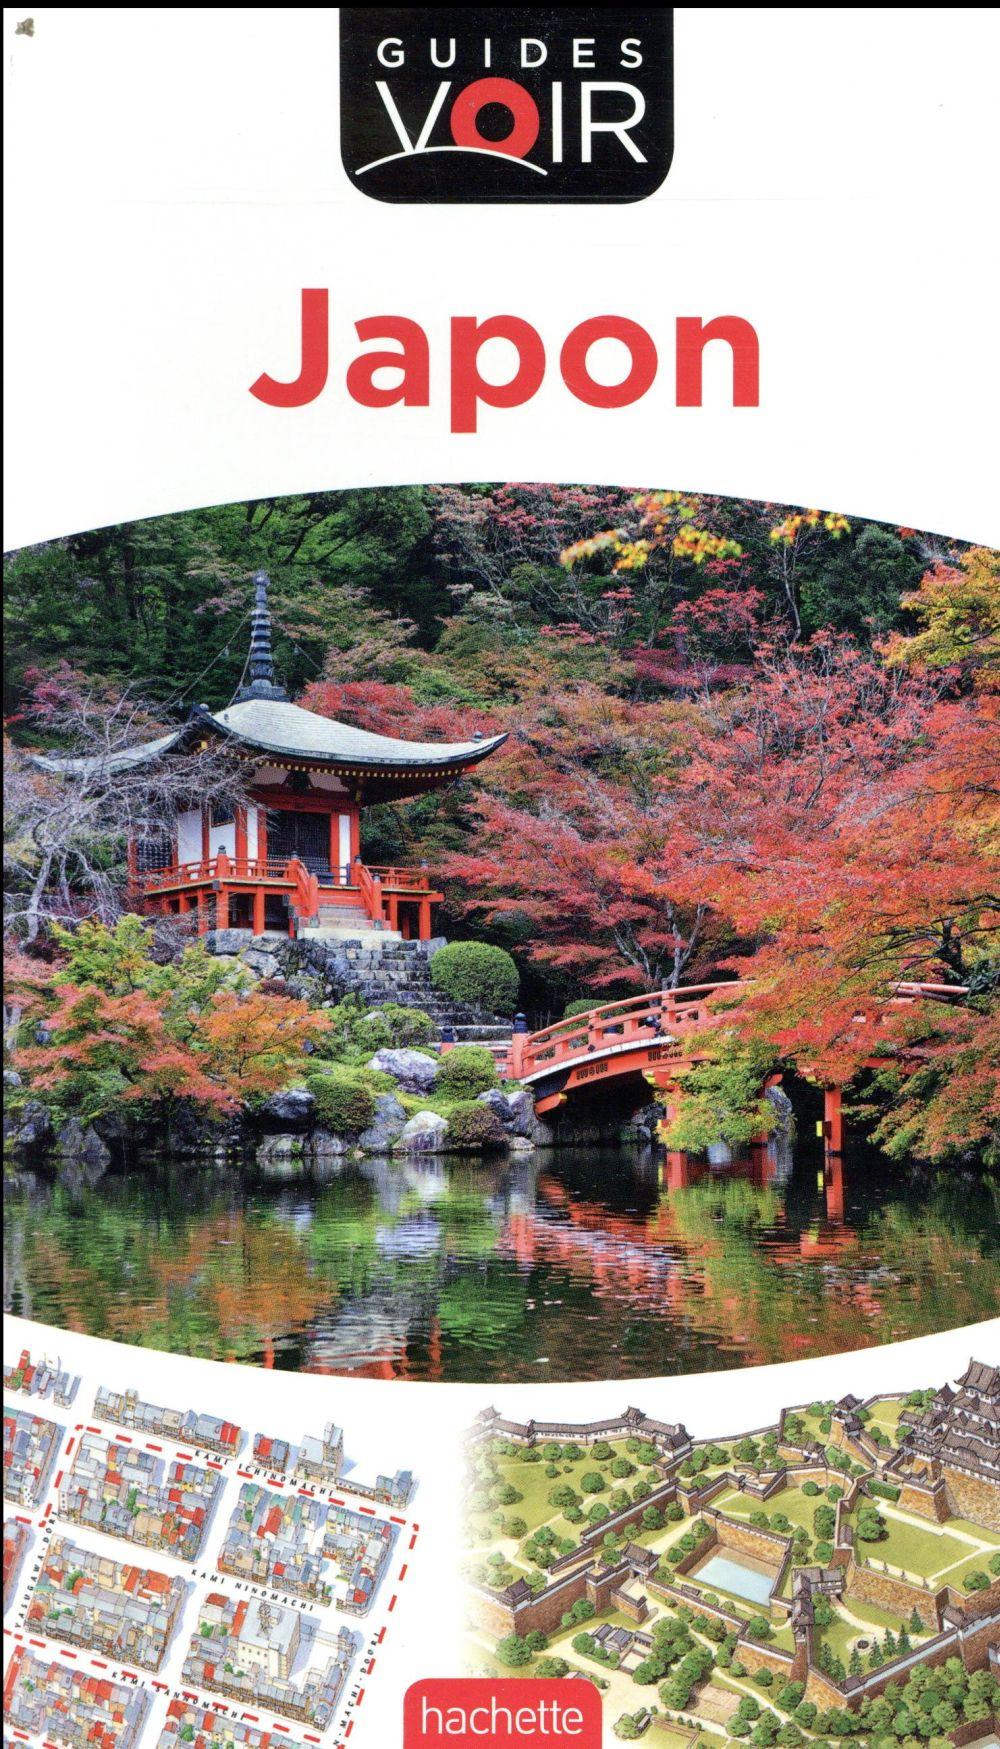 COLLECTIF HACHETTE - GUIDES VOIR  -  JAPON